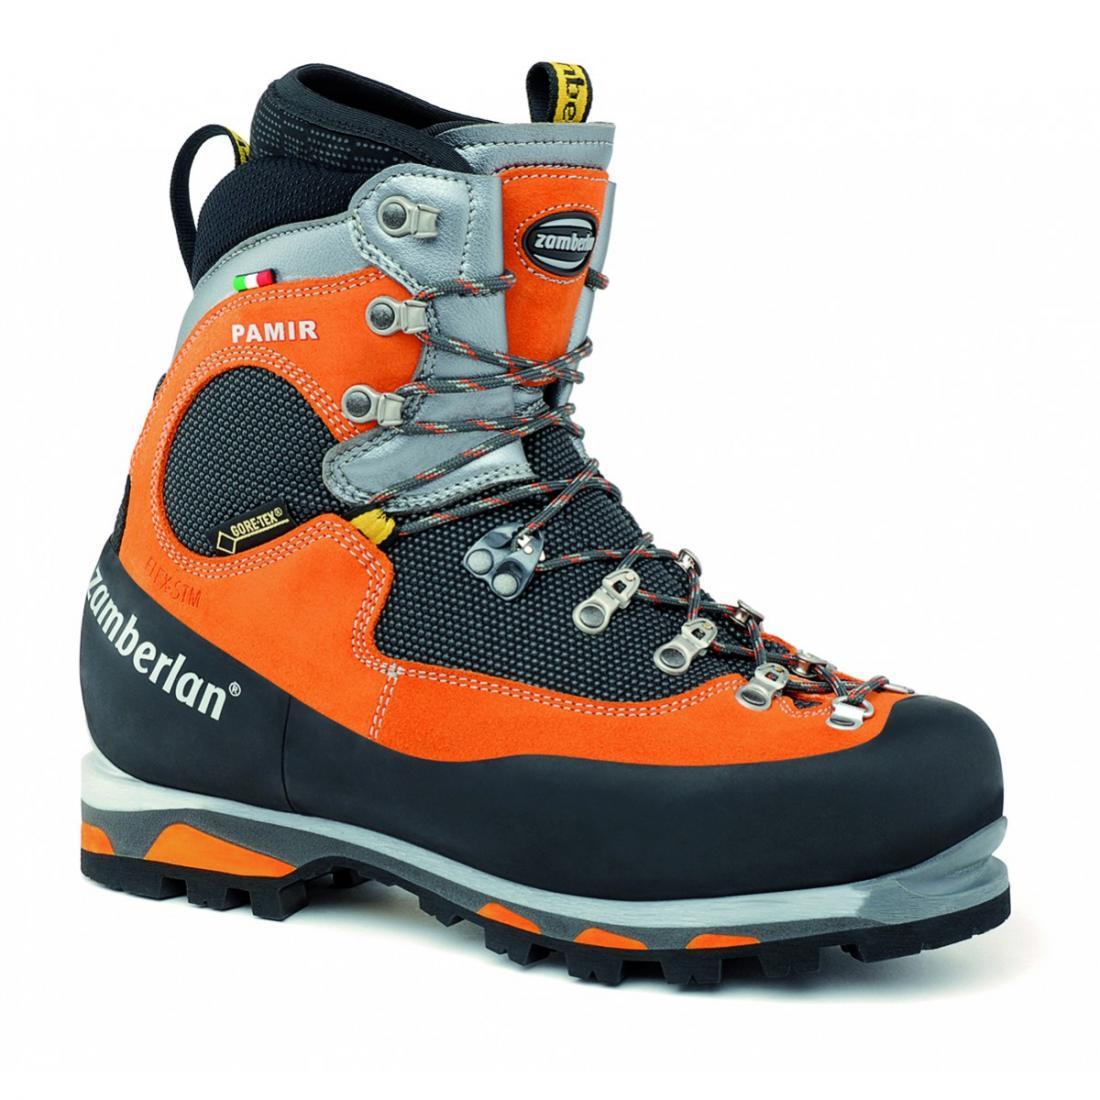 Ботинки 2080 PAMIR GTX RRАльпинистские<br><br><br>Цвет: Оранжевый<br>Размер: 43